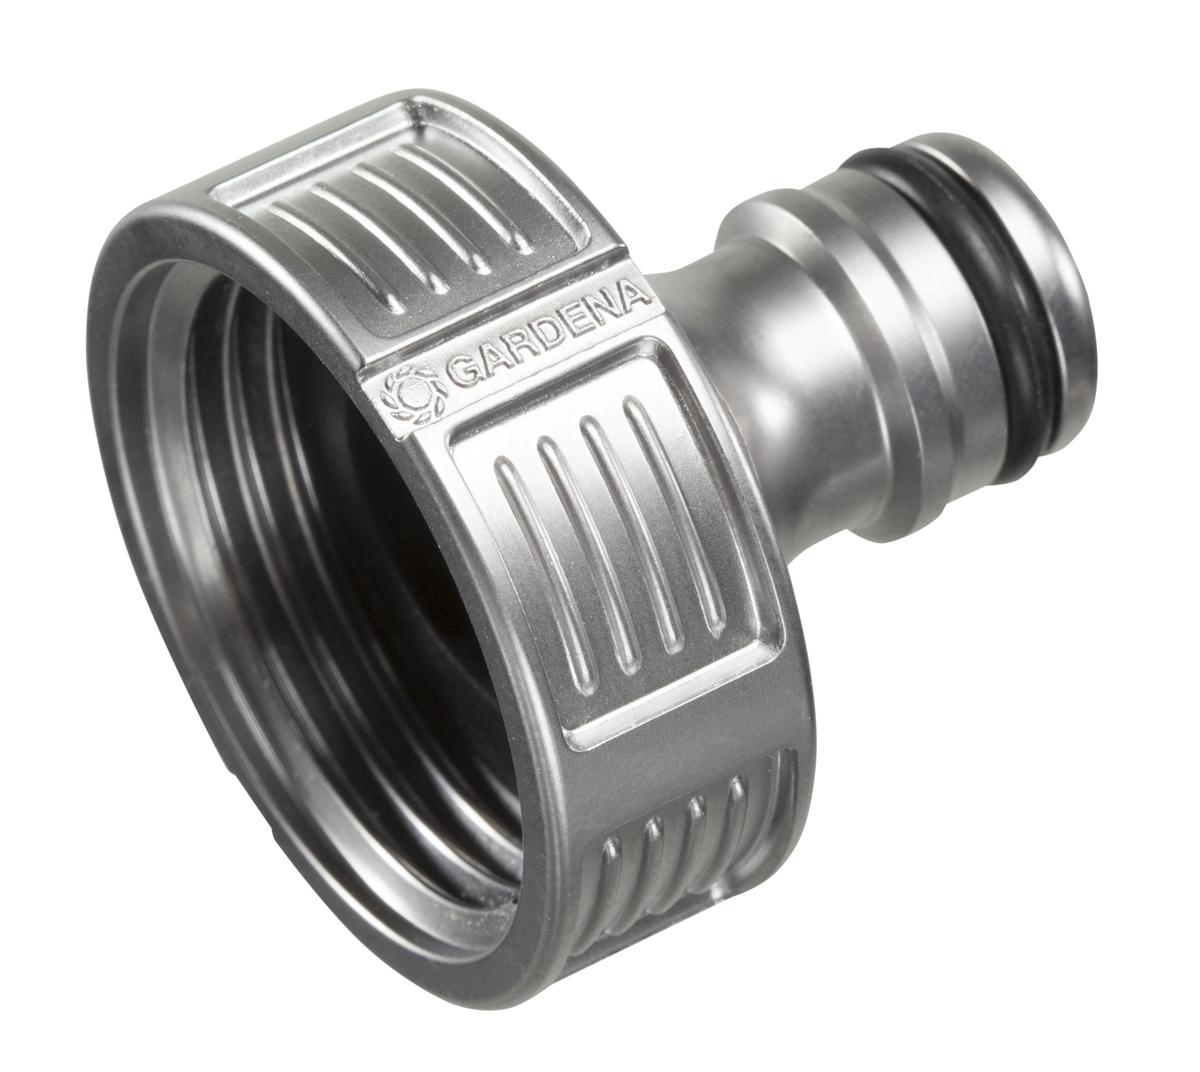 """Штуцер резьбовой """"Gardena"""" позволяет быстро и легко нарастить шланг или подключить необходимый аксессуар. Все соединения герметичны. Легко устанавливается и не требует использования инструментов. Защита от брызг."""